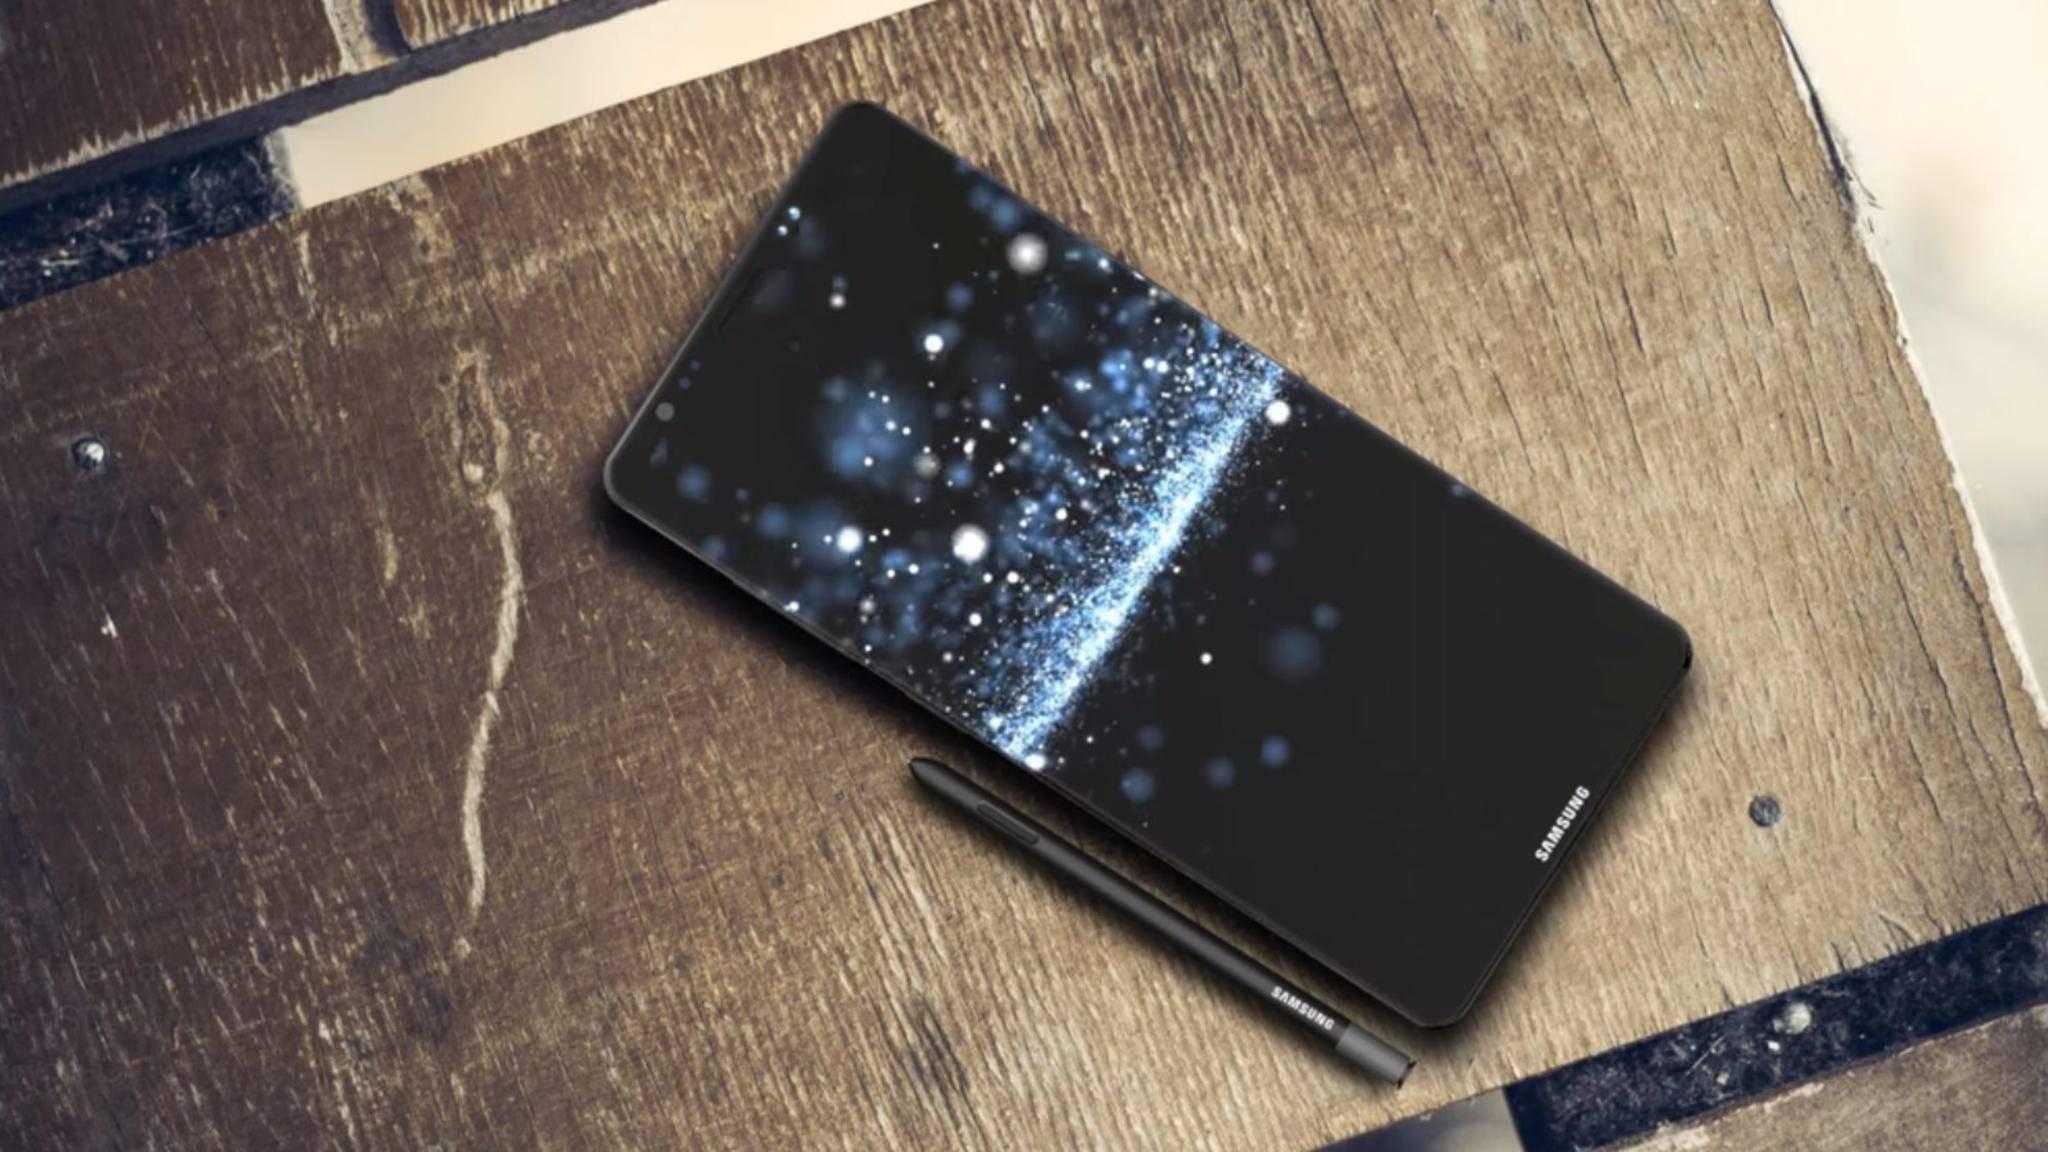 Das Galaxy Note 8 soll dank großem Screen besonders für Videos geeignet sein.